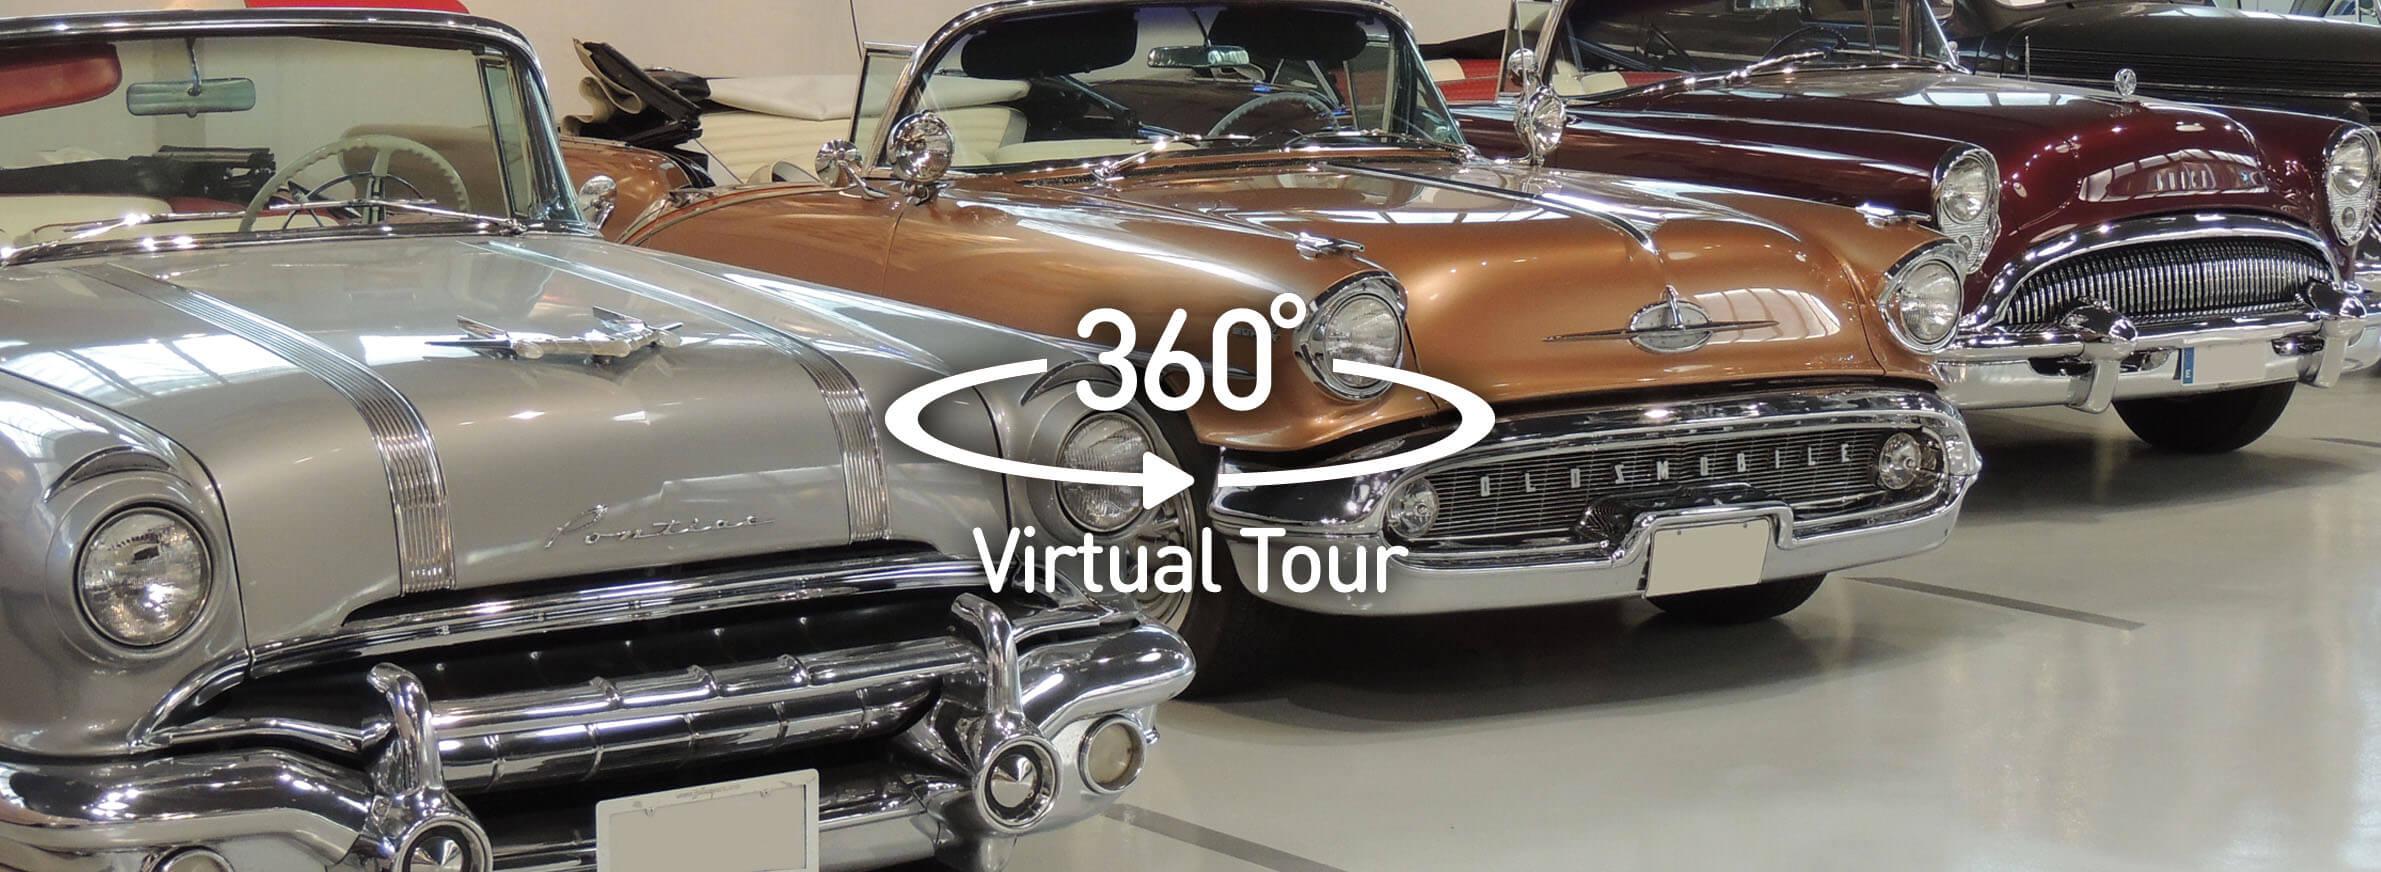 tour virtual 360 exposicion showroom museo alquiler de coches para bodas clasicos de lujo limusinas disco bus bodas eventos rodajes jjdluxe cars alicante